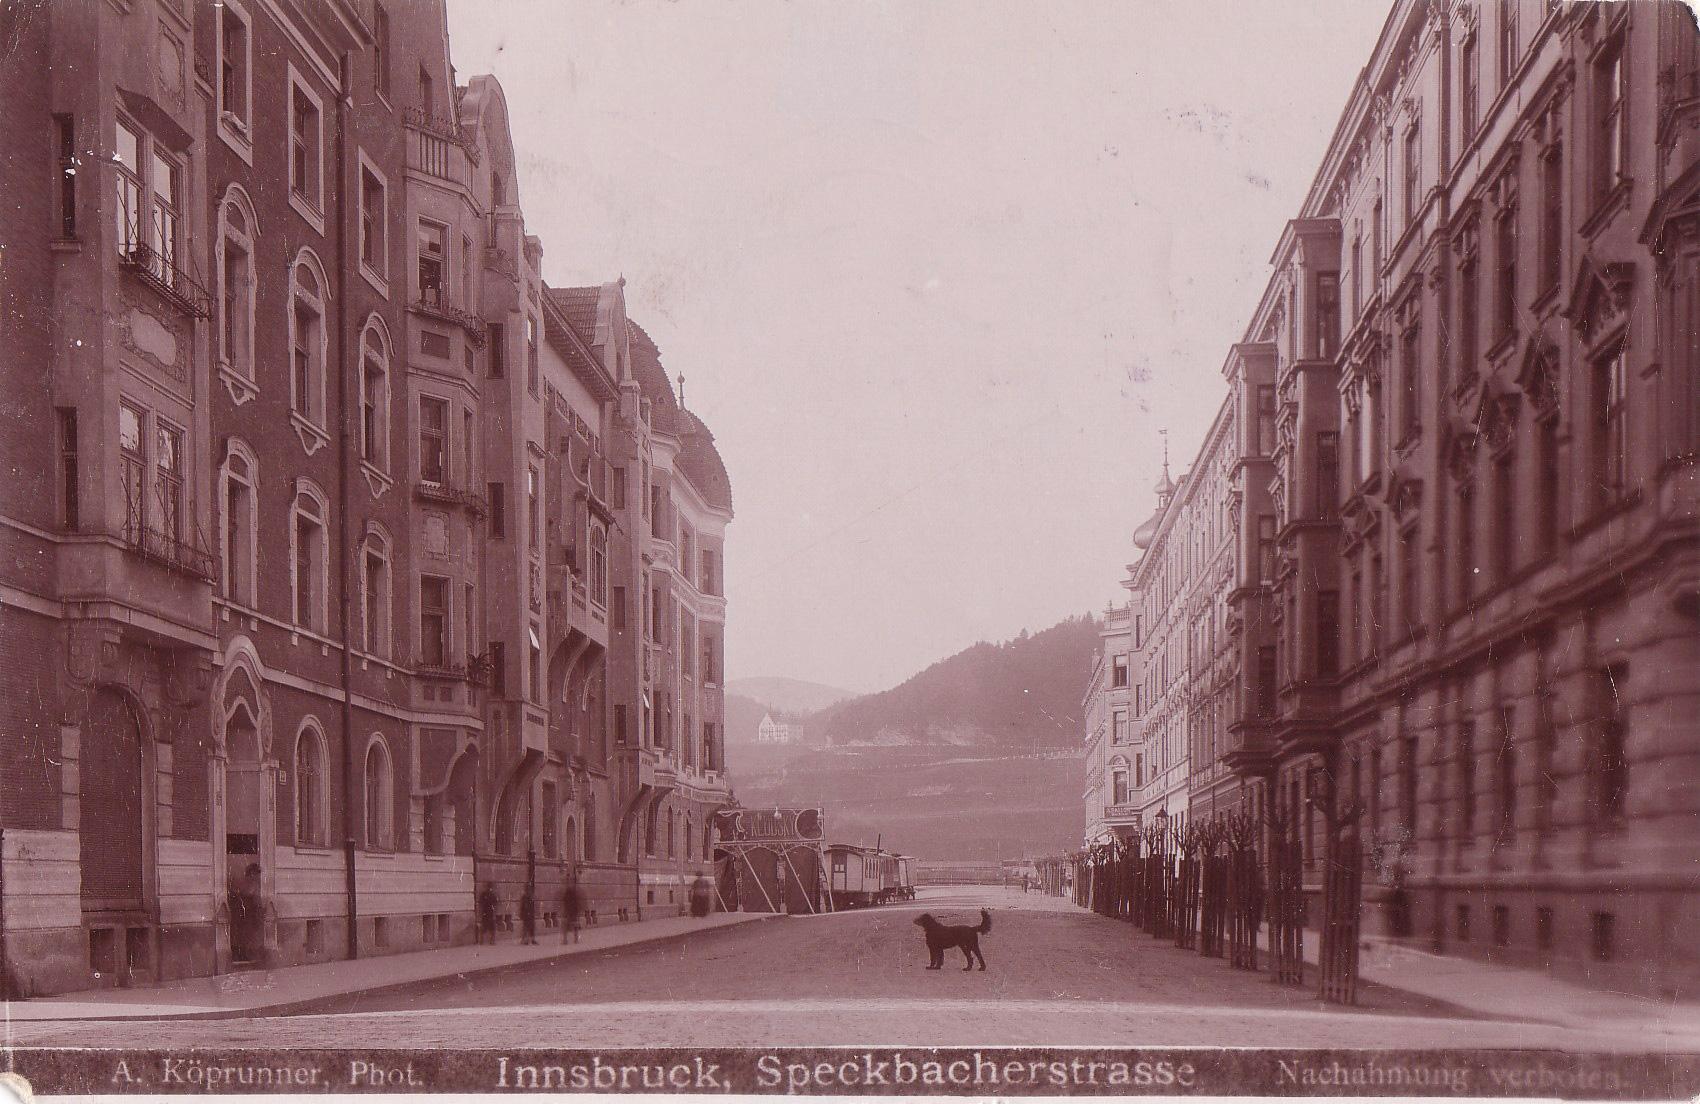 In Der Speckbacherstraße